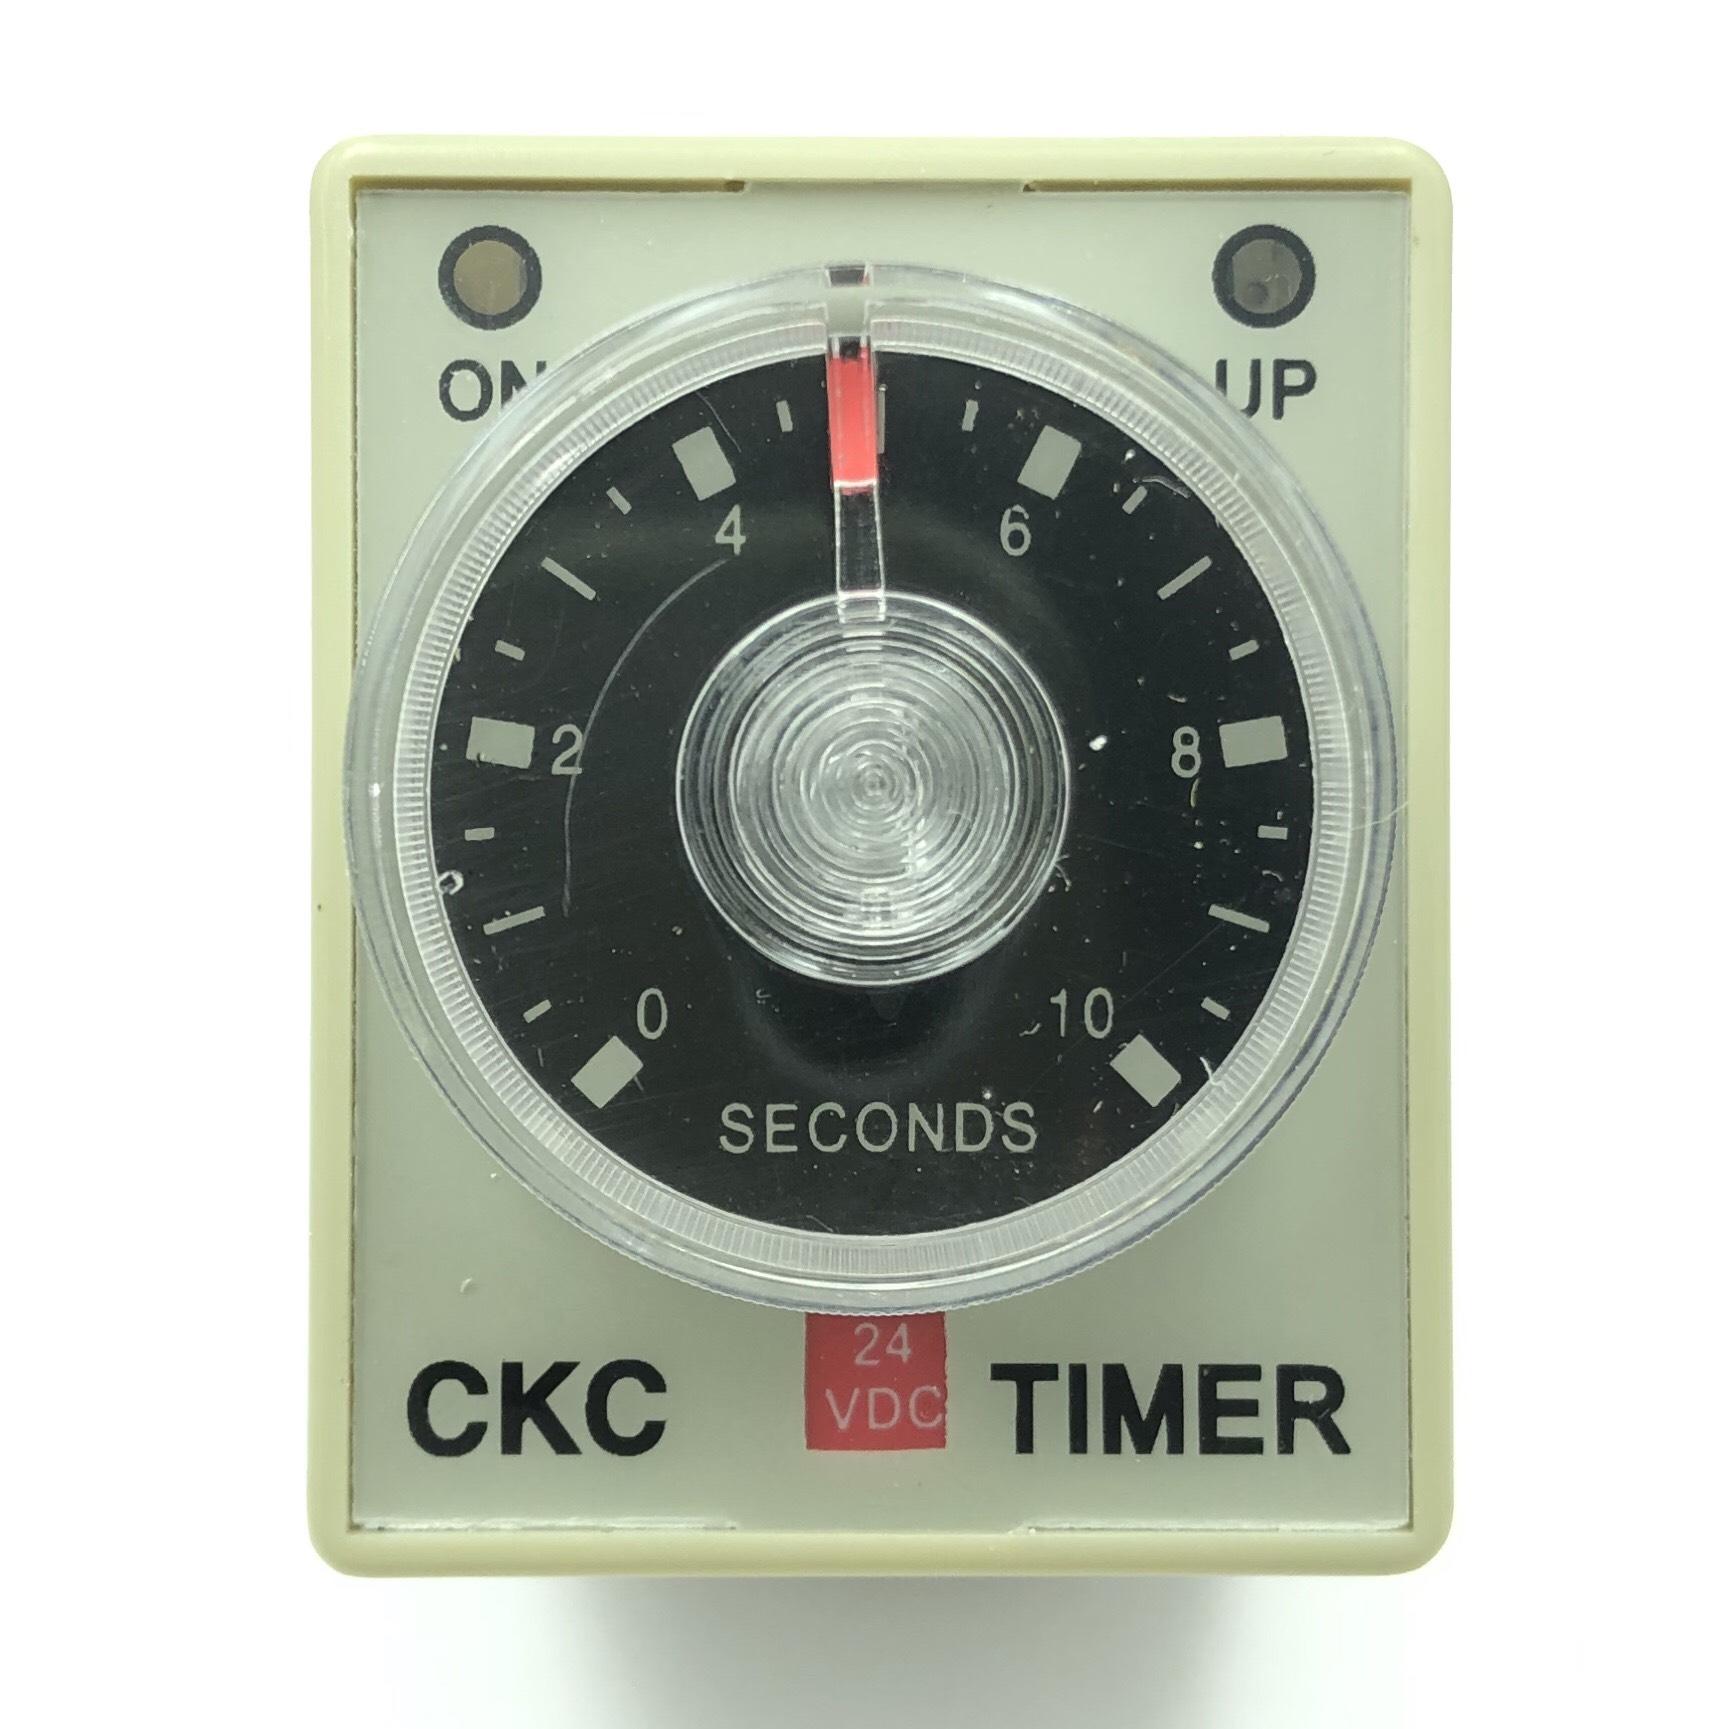 Relay thời gian CKC AH3-3 / 24VDC 10 giây - I9H24